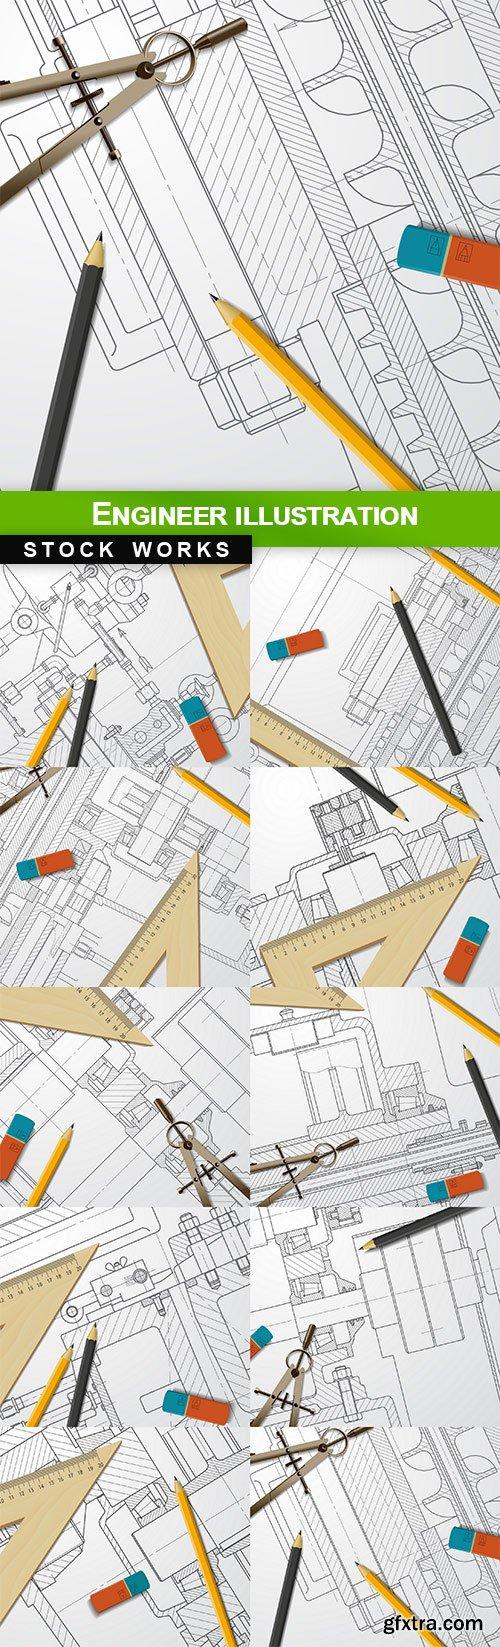 Engineer illustration - 10 EPS